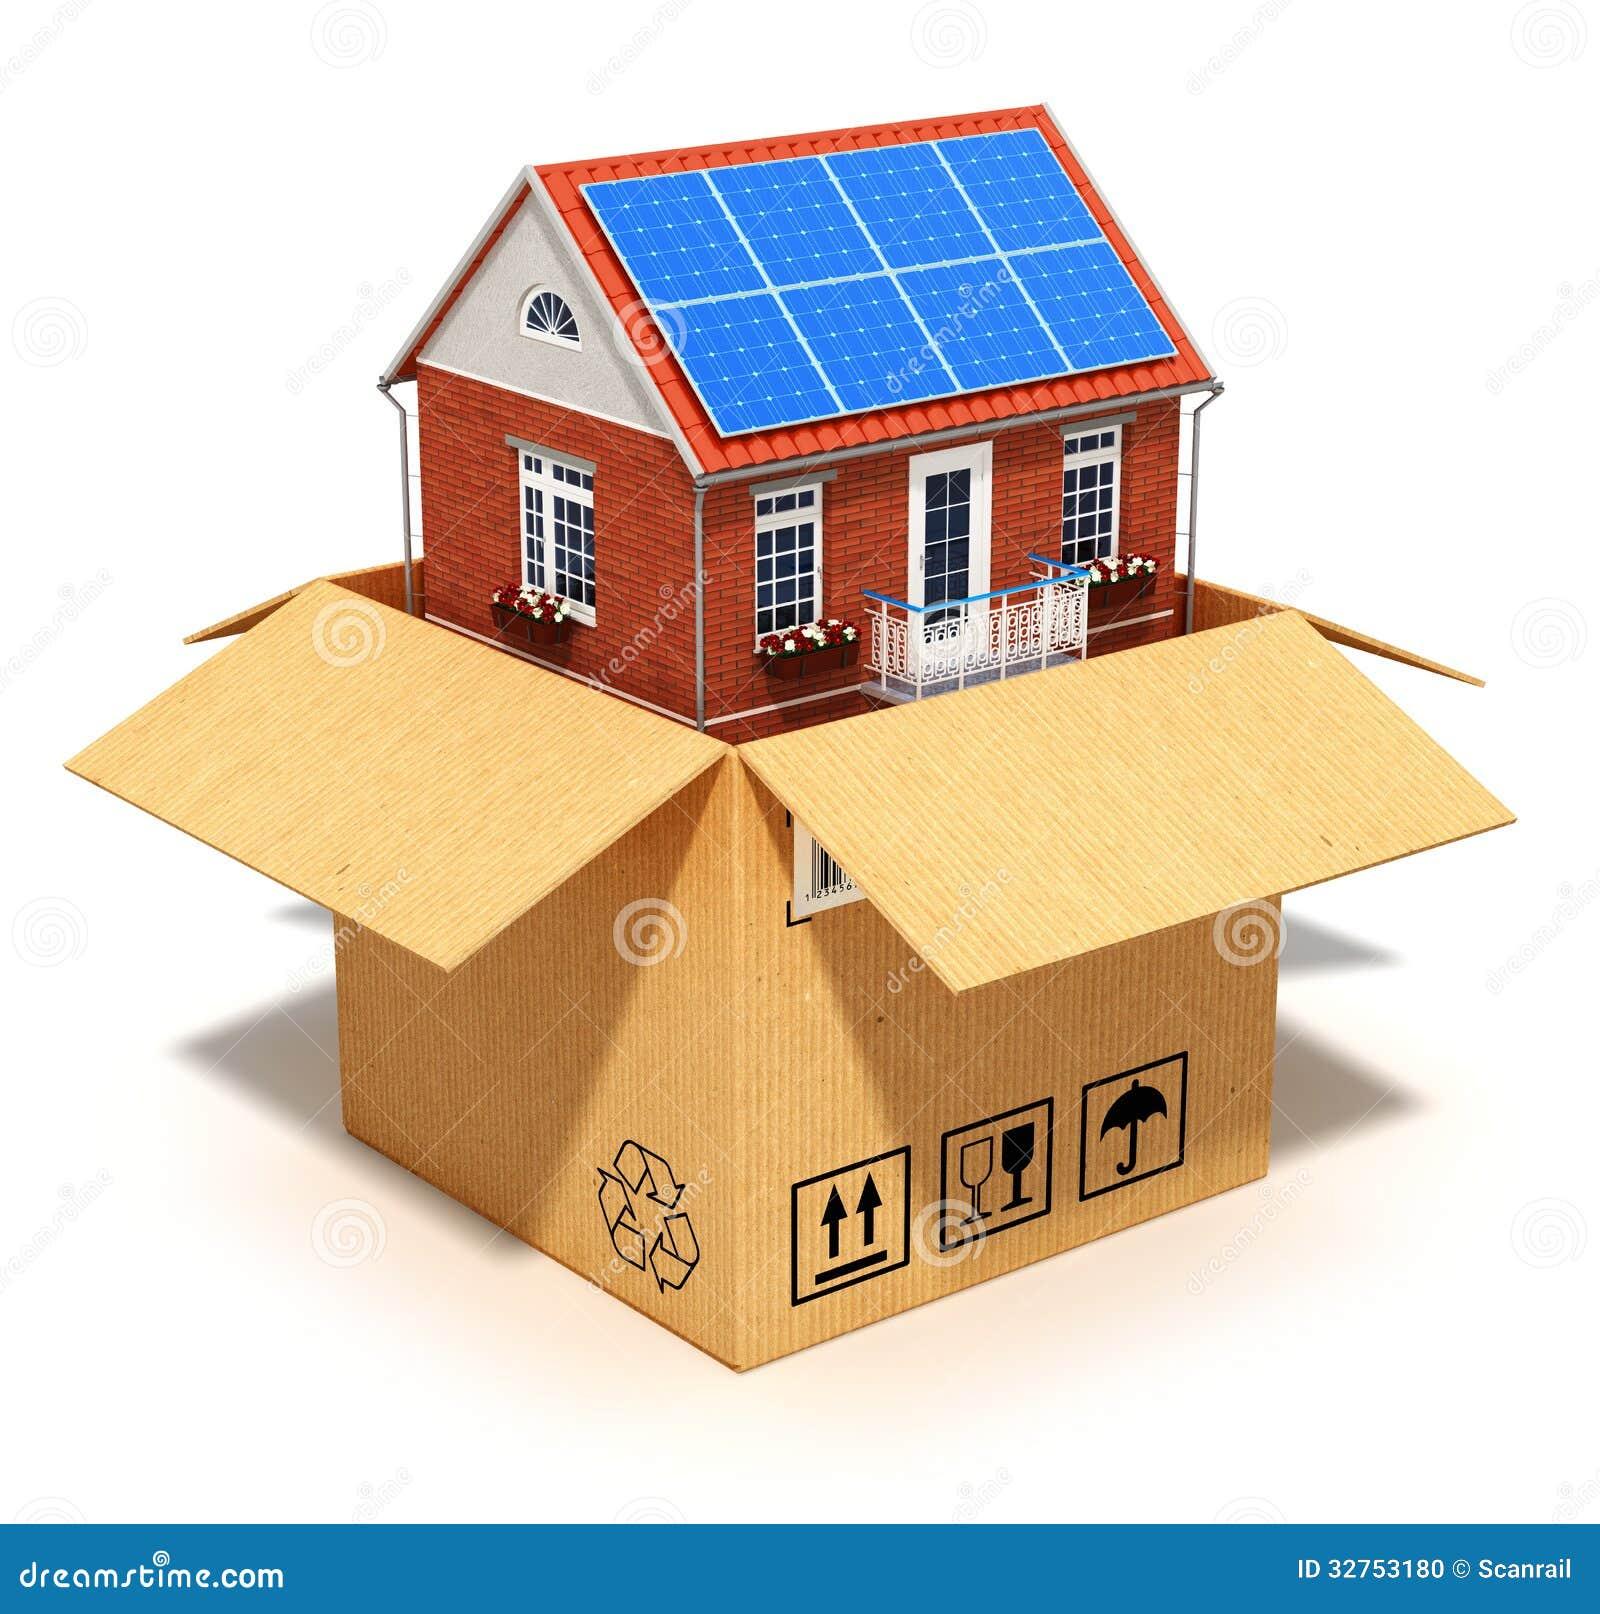 neues haus in der pappschachtel stock abbildung illustration von konzept architektur 32753180. Black Bedroom Furniture Sets. Home Design Ideas